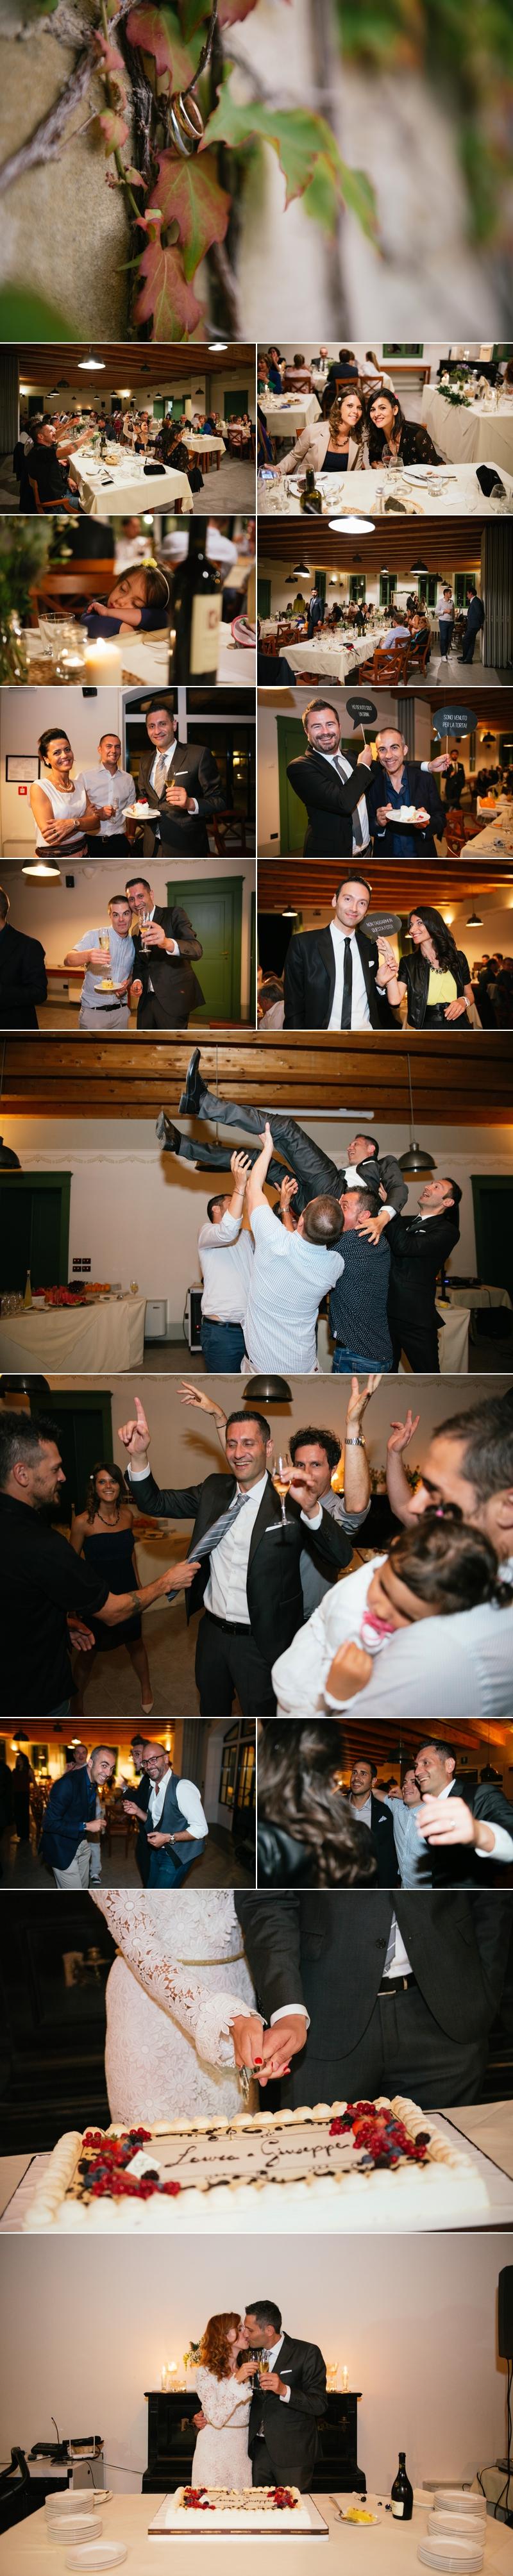 fotografo-matrimonio-chiesa-san-rocco-borghetto-di-brola-modigliana-forli-cesena-bologna-valentina-cavallini 10